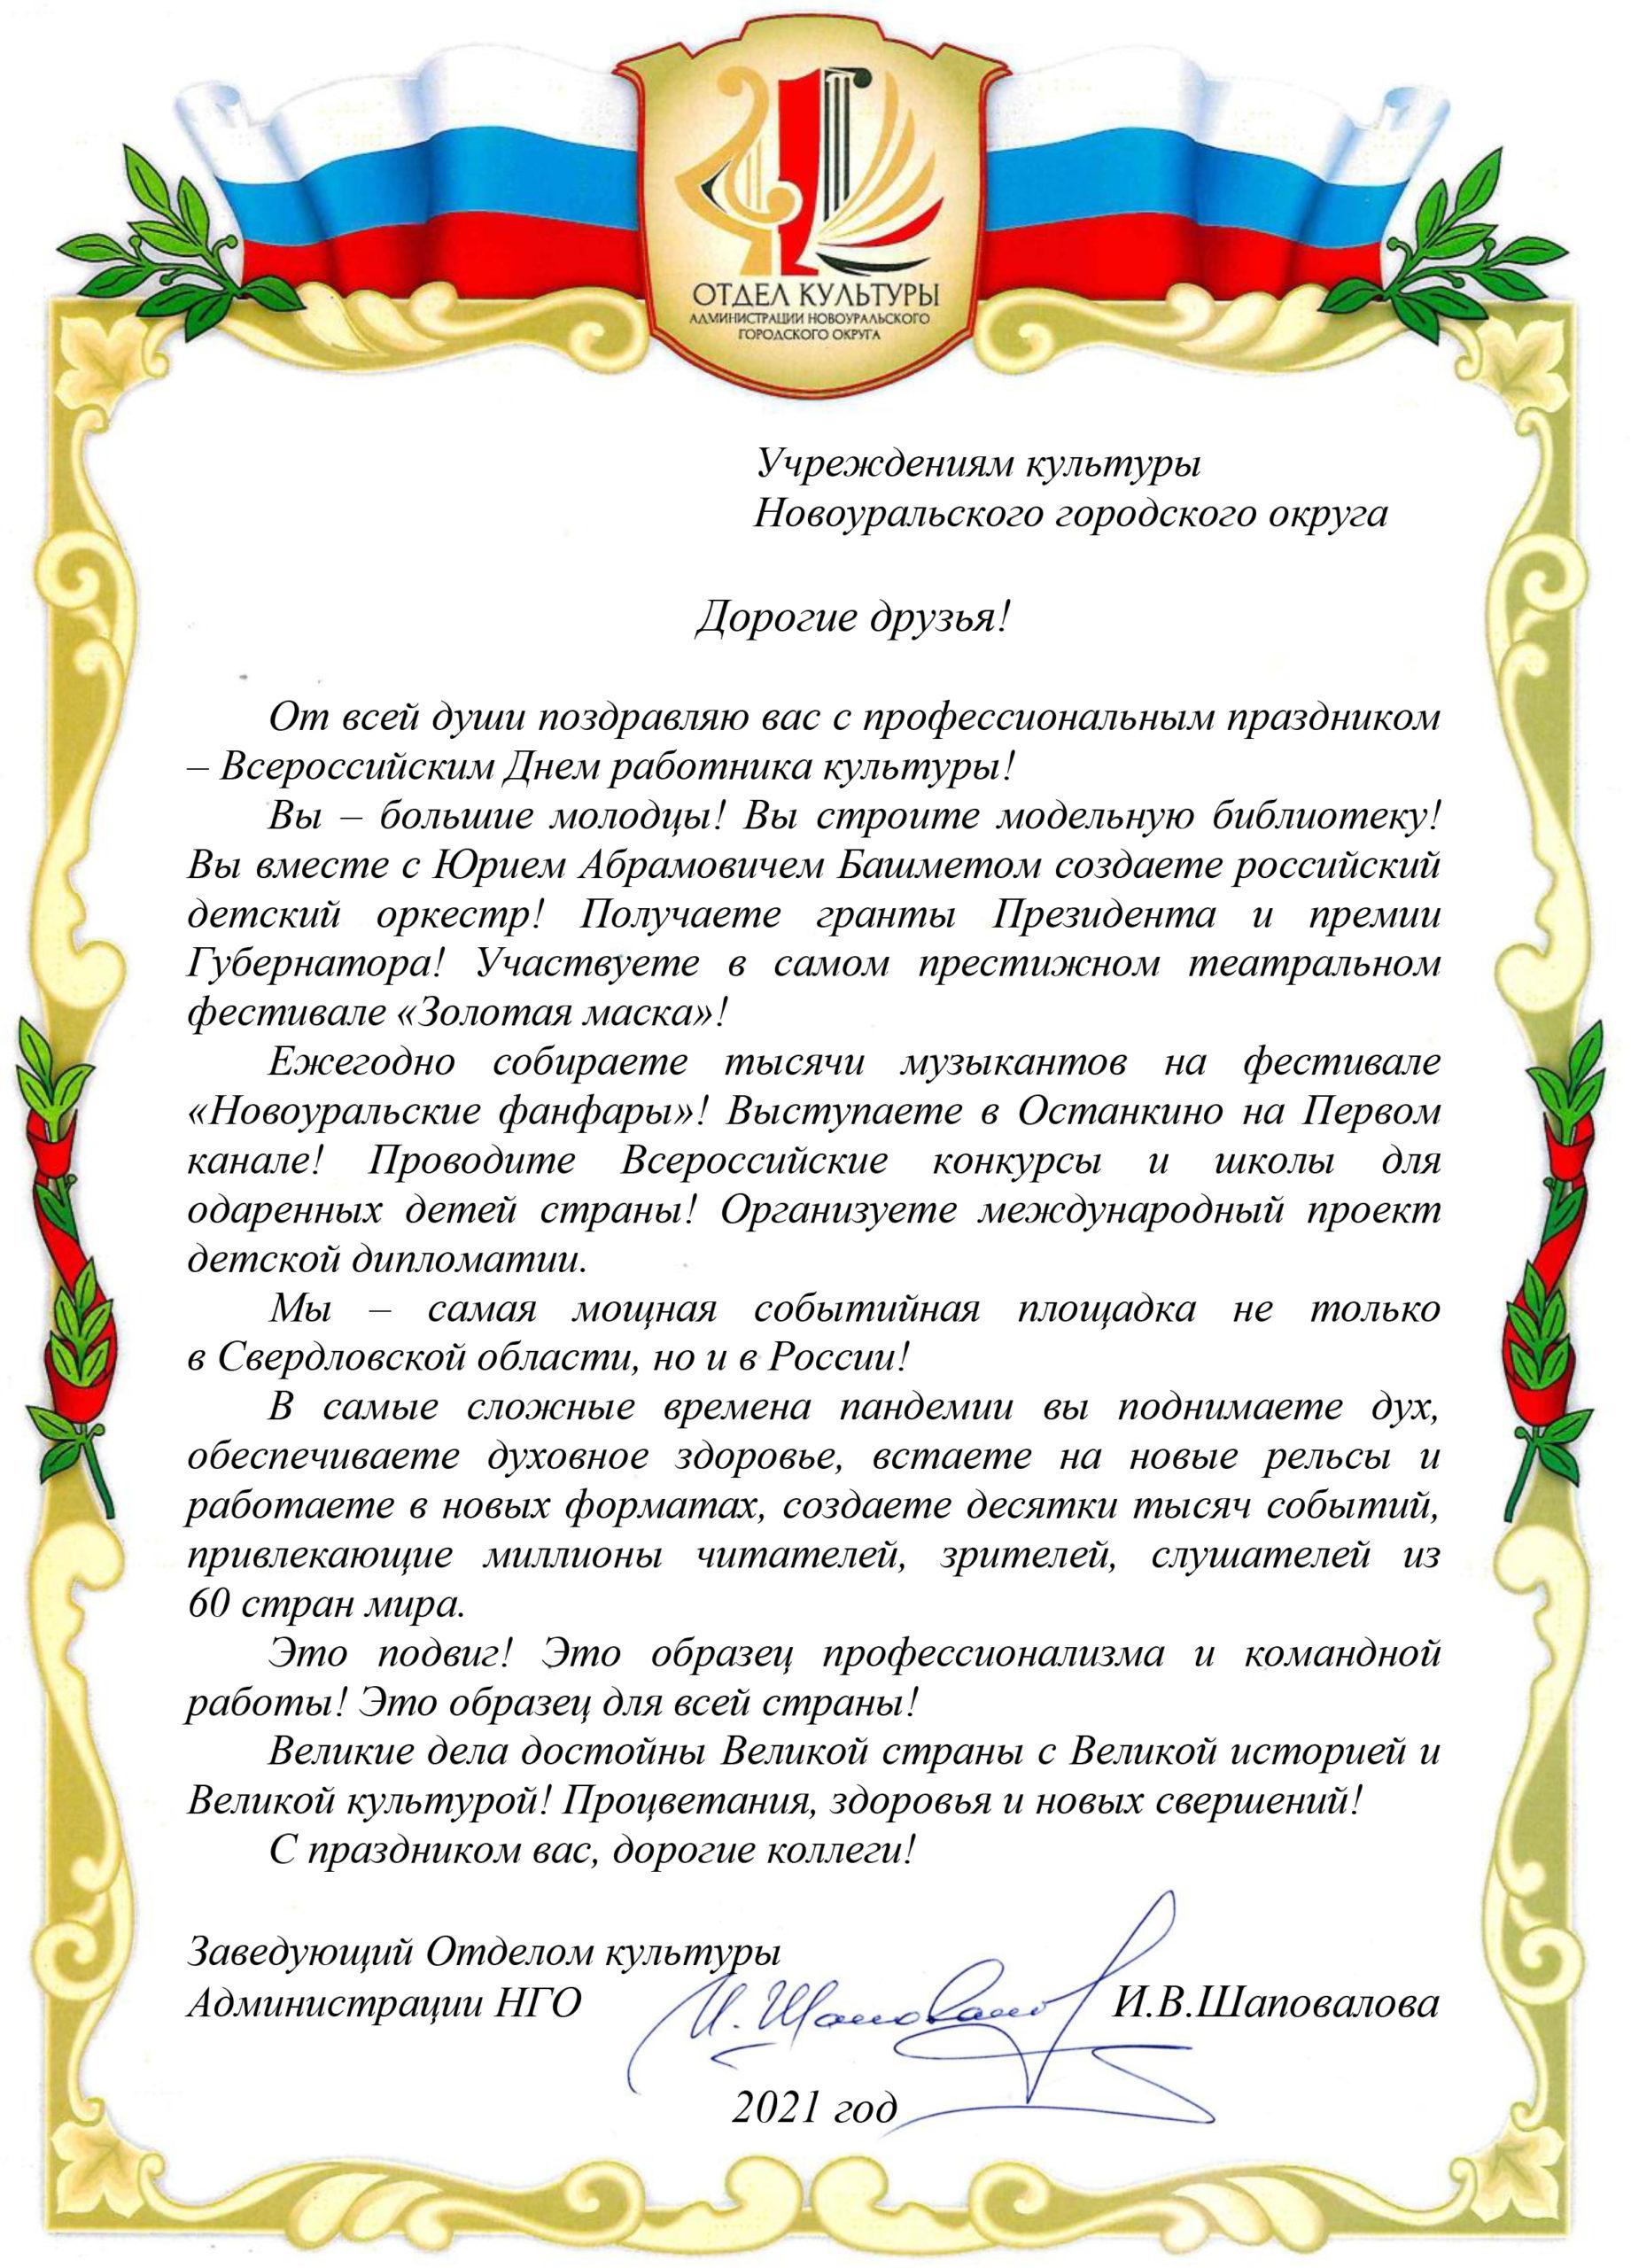 Поздравление с Днем работника культуры Ирины Шаповаловой, заведующего отделом культуры НГО